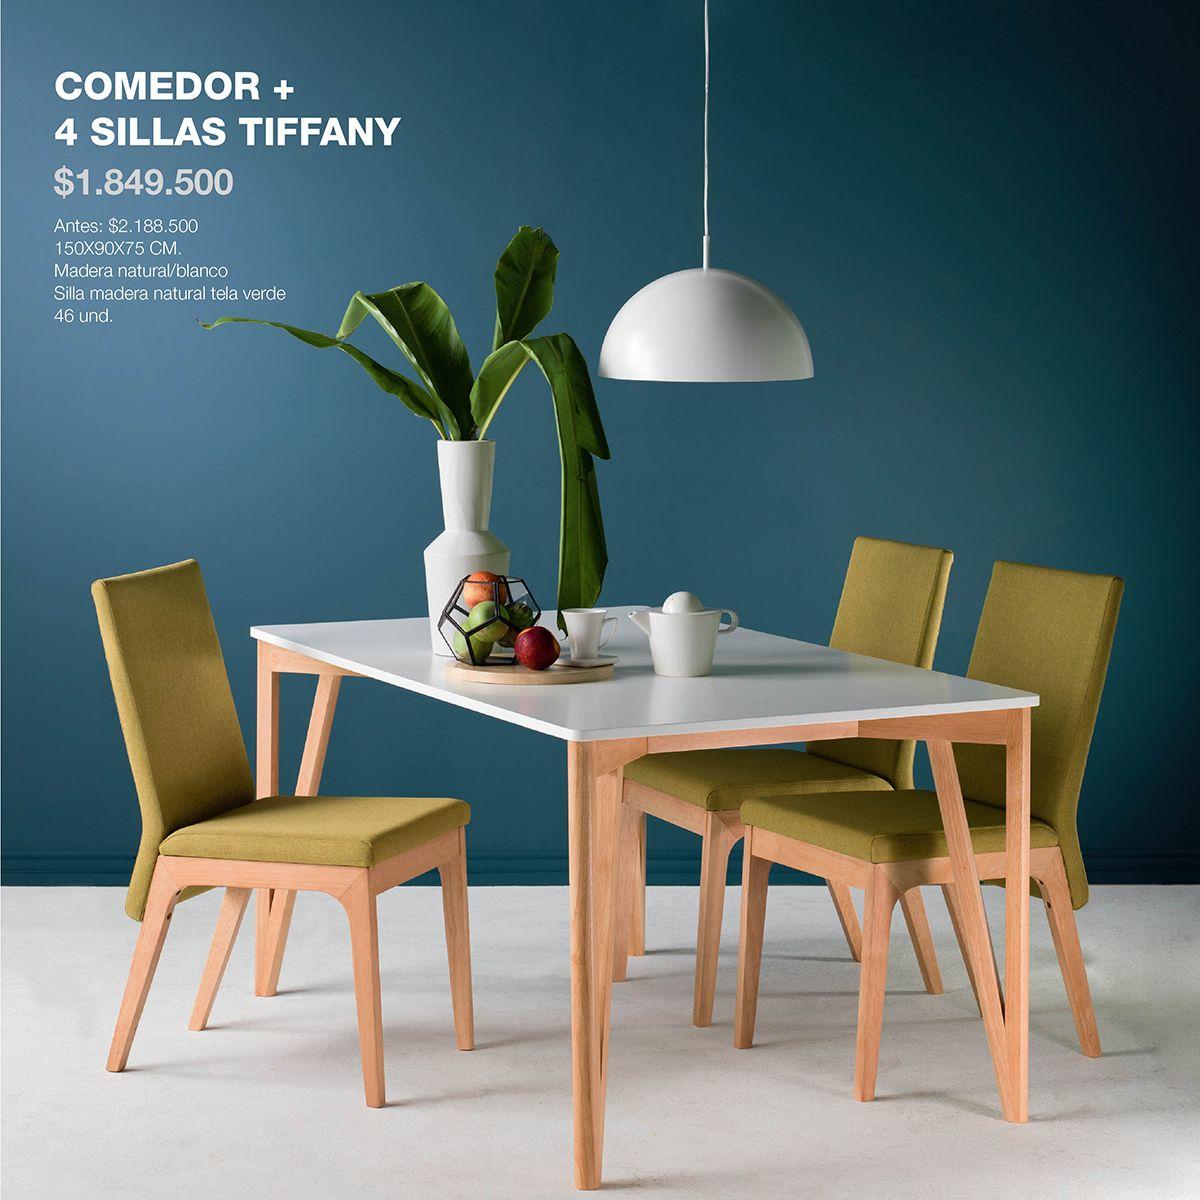 Comedor y sillas tiffany vidrio de color blanco y madera - Sillas comedor colores ...